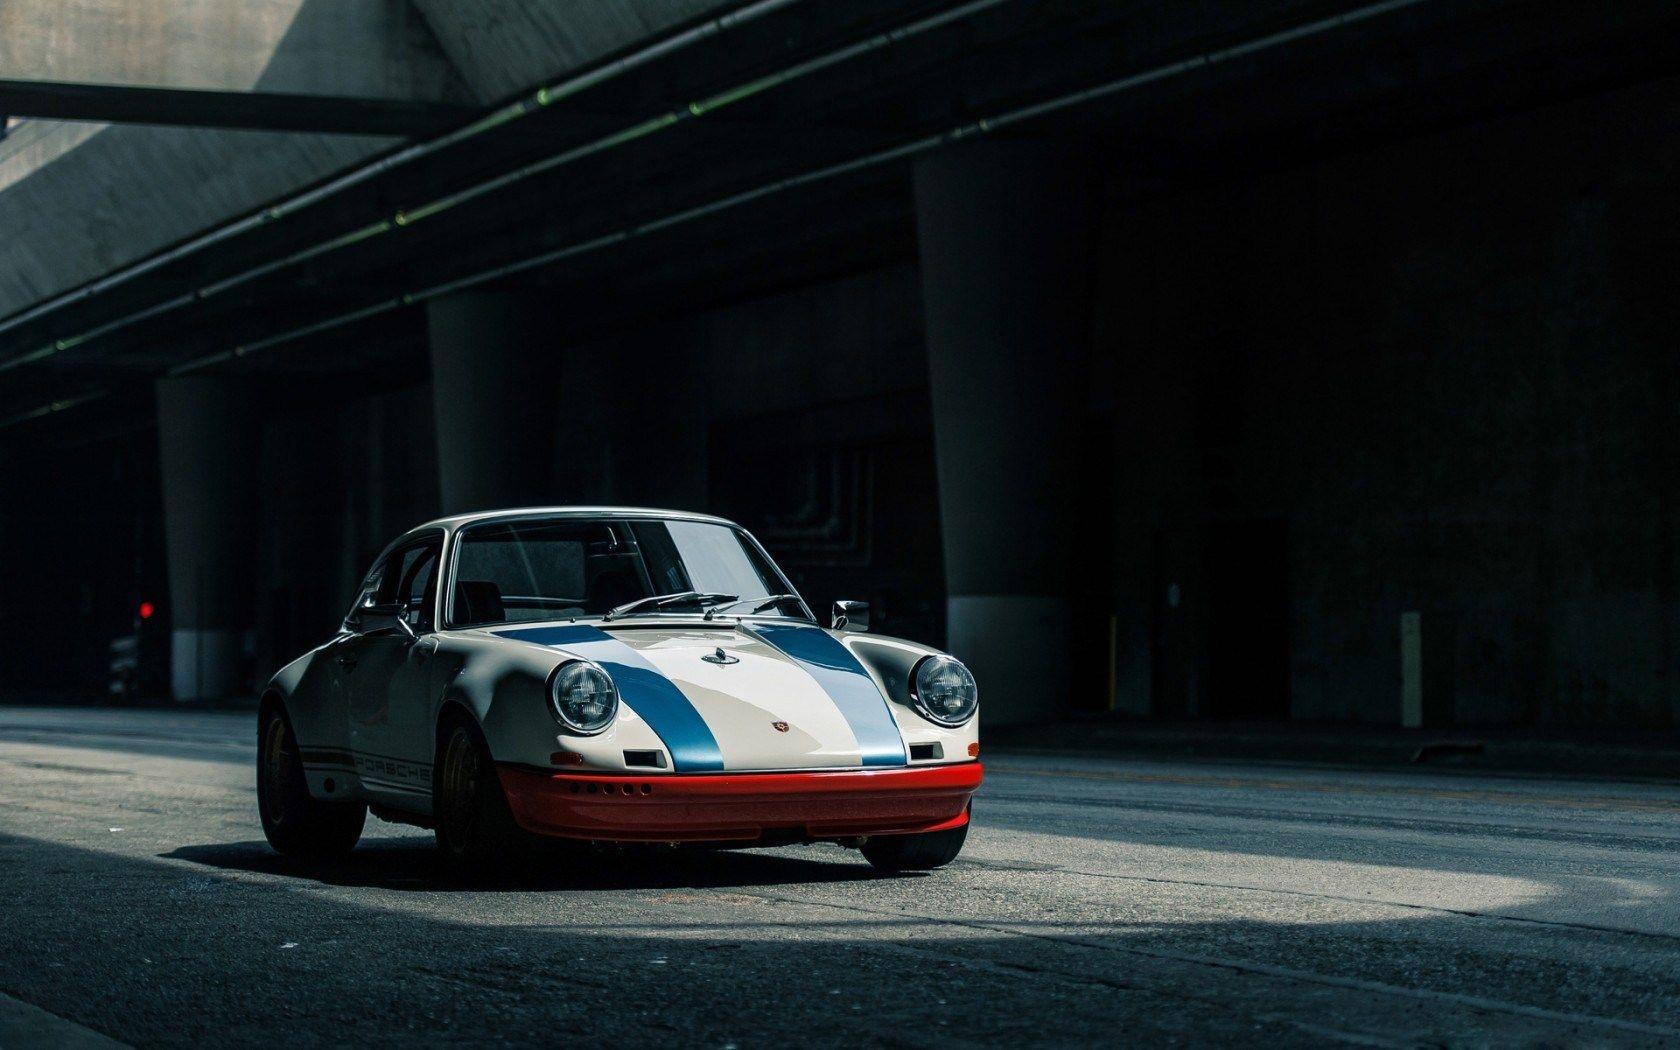 Classic Porsche Wallpaper Porsche 911 Porsche Classic Porsche